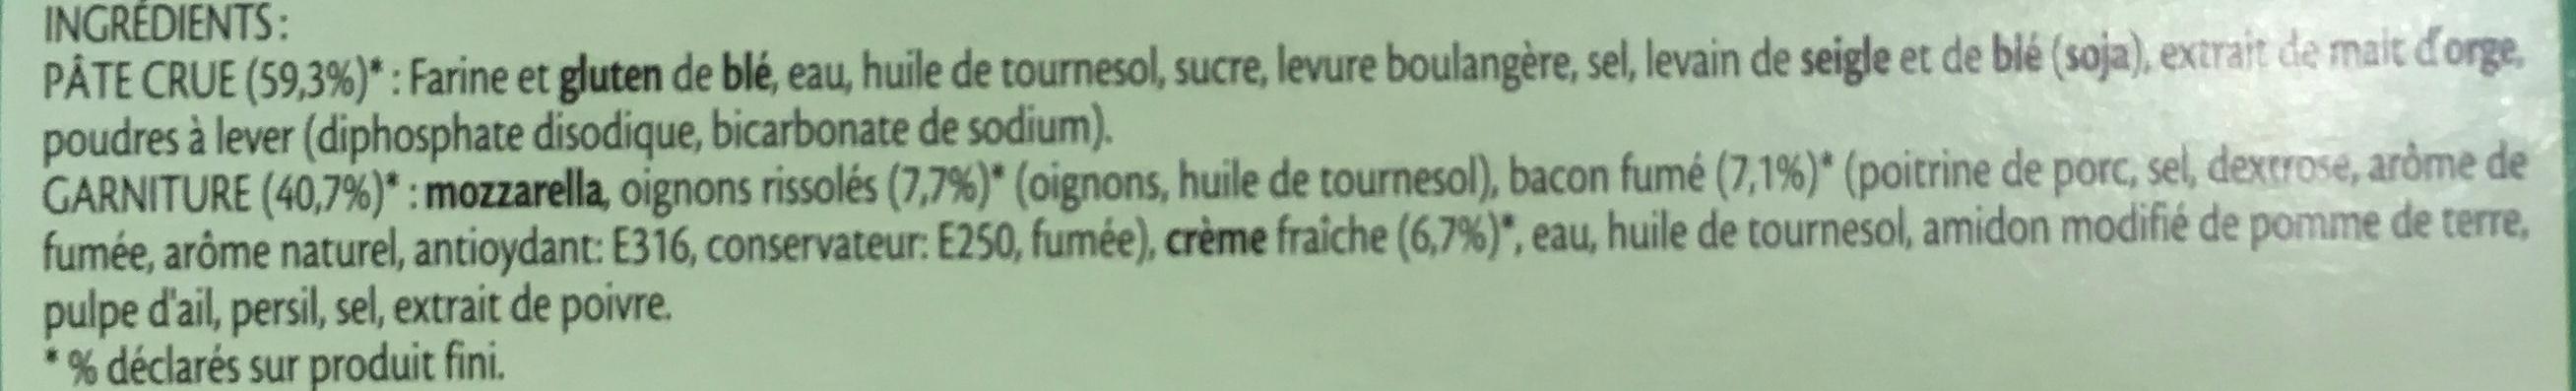 Fraîch'Up Bacon & Oignons - Ingrédients